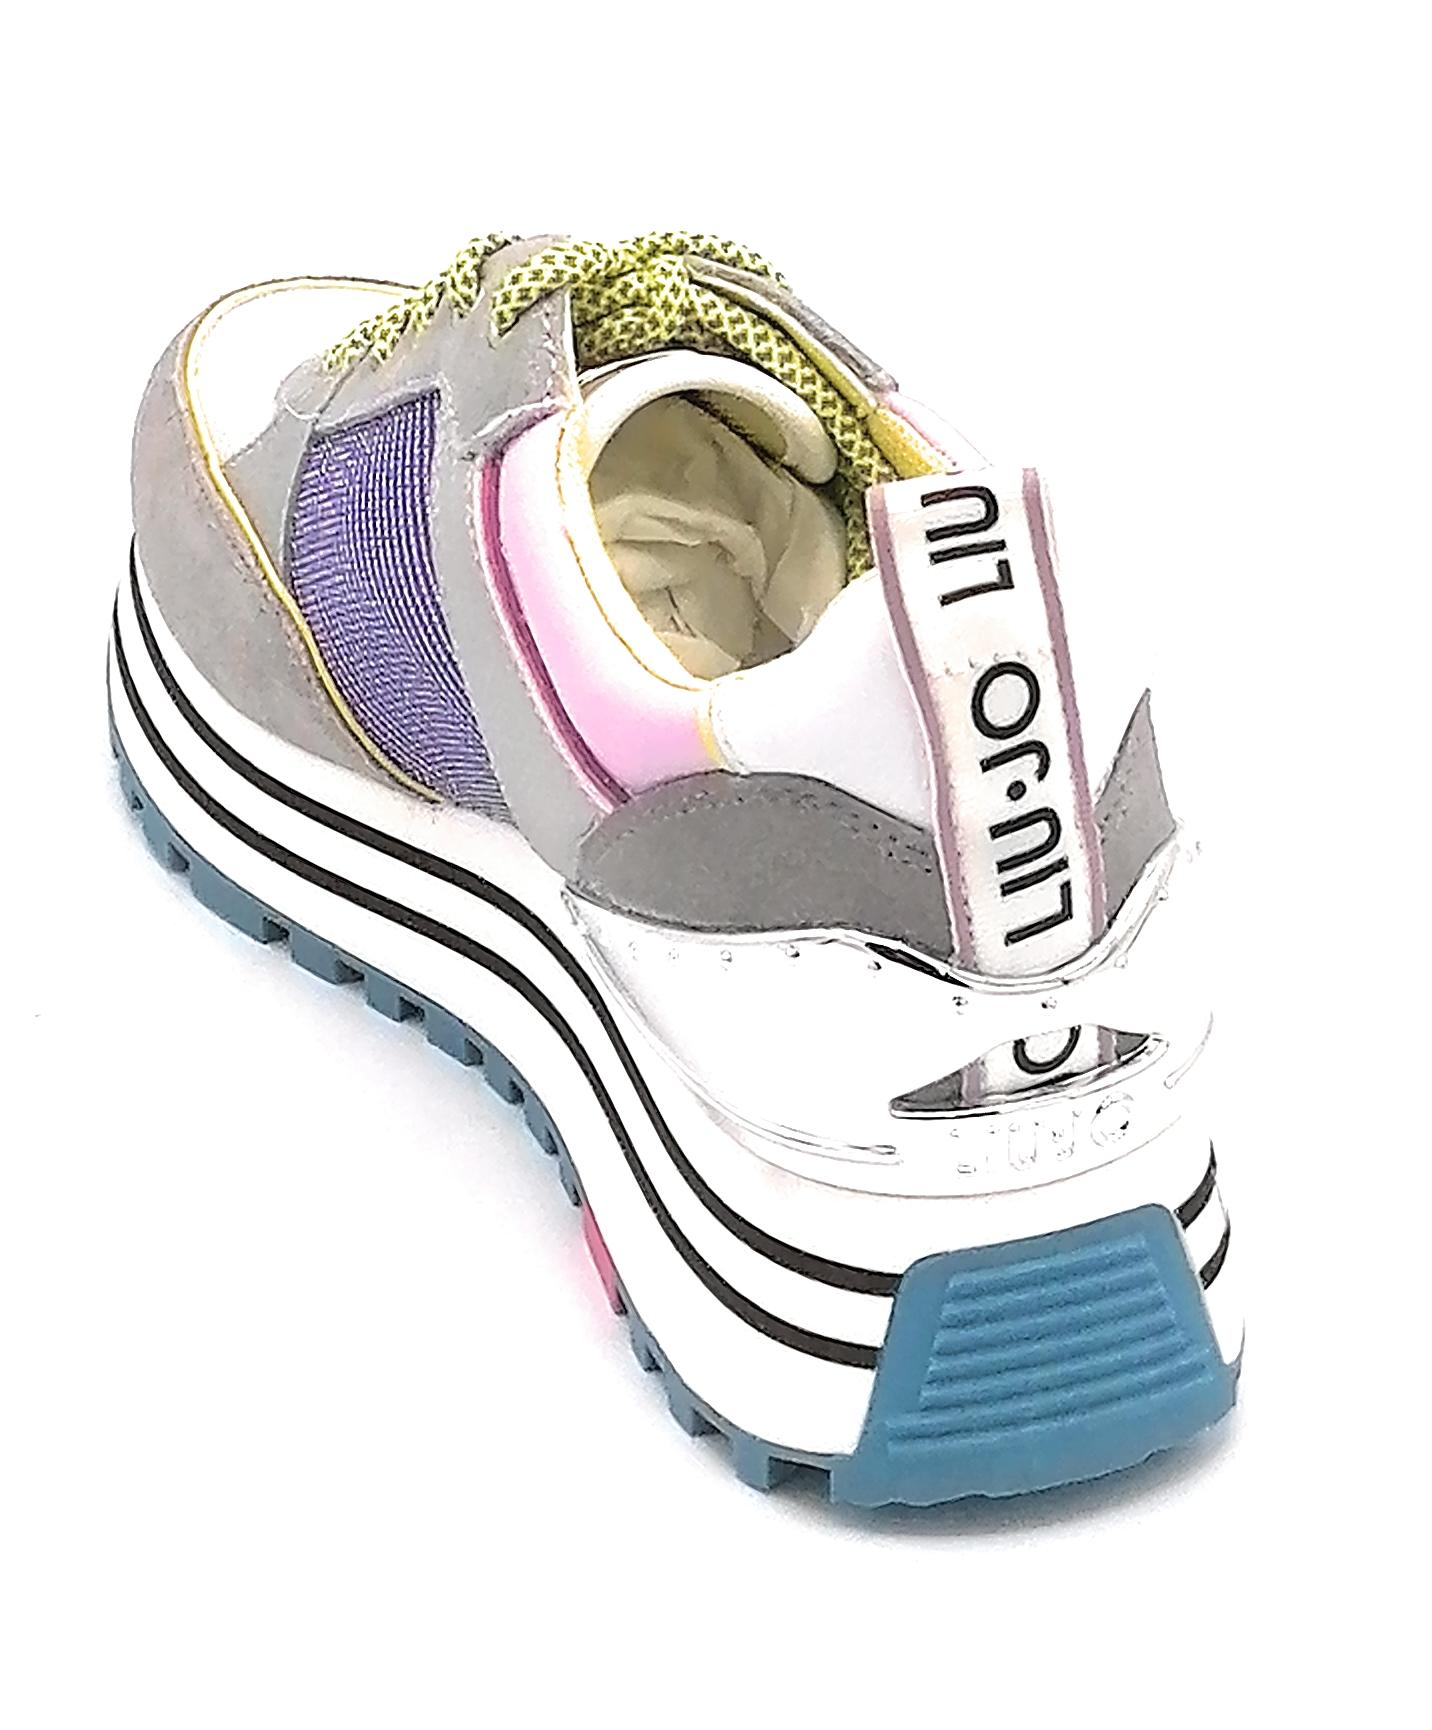 Liu Jo wonder maxi 20 sneaker multicolor pelle-camoscio-tessuto accessorio LJ